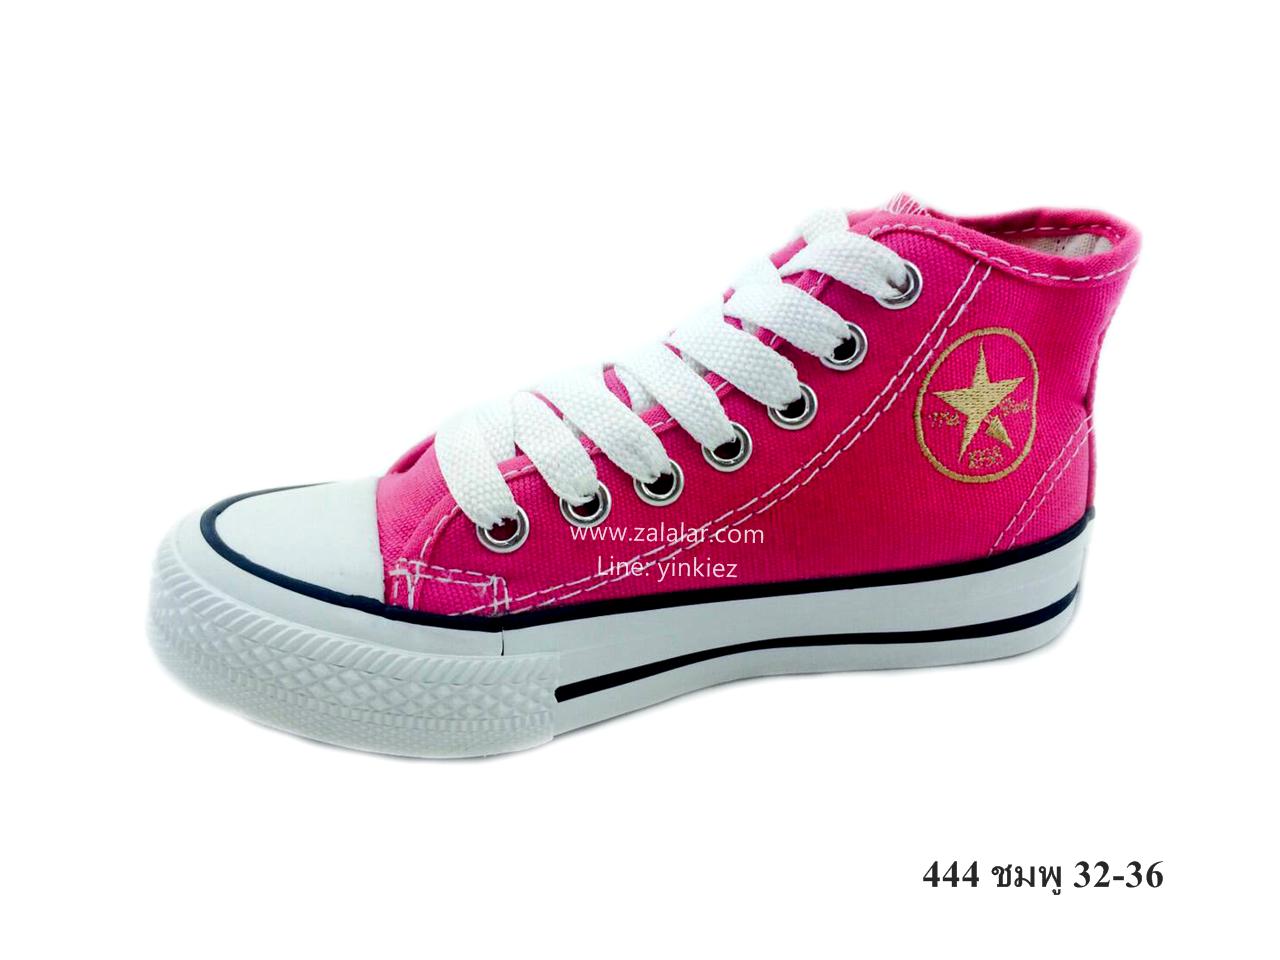 [พร้อมส่ง] รองเท้าผ้าใบเด็กแฟชั่น รุ่น 444 สีชมพู (หุ้มข้อ)